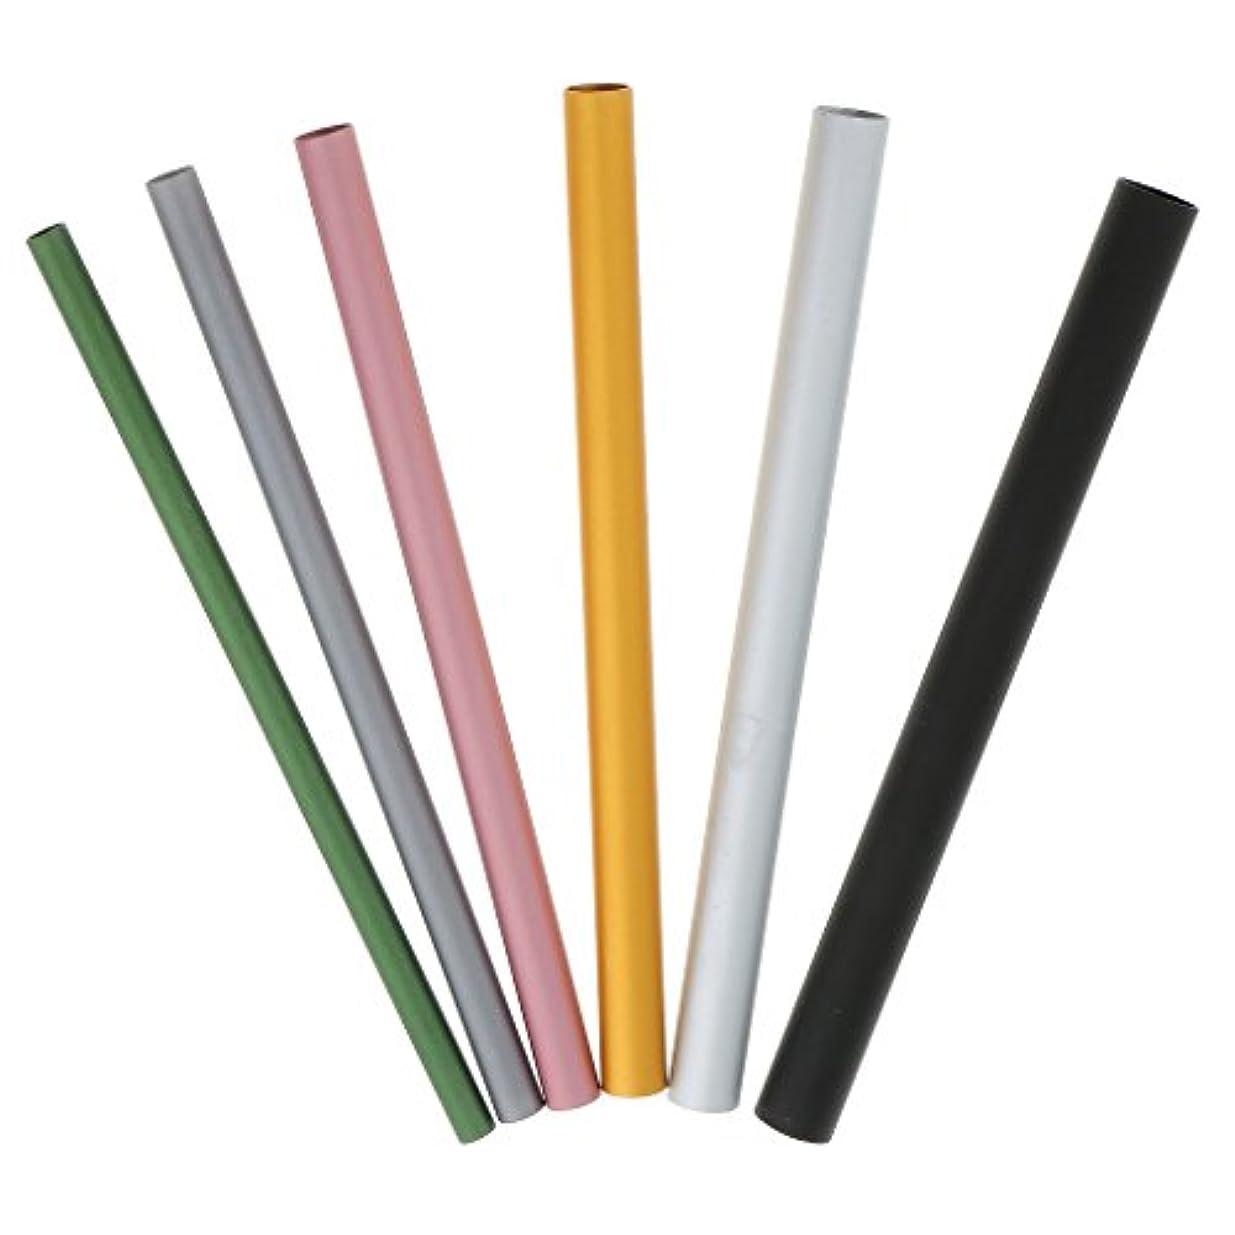 知り合いになる同一の対人6本 ミックスサイズ Cカーブ ネイルアート アルミ棒 ネイル道具